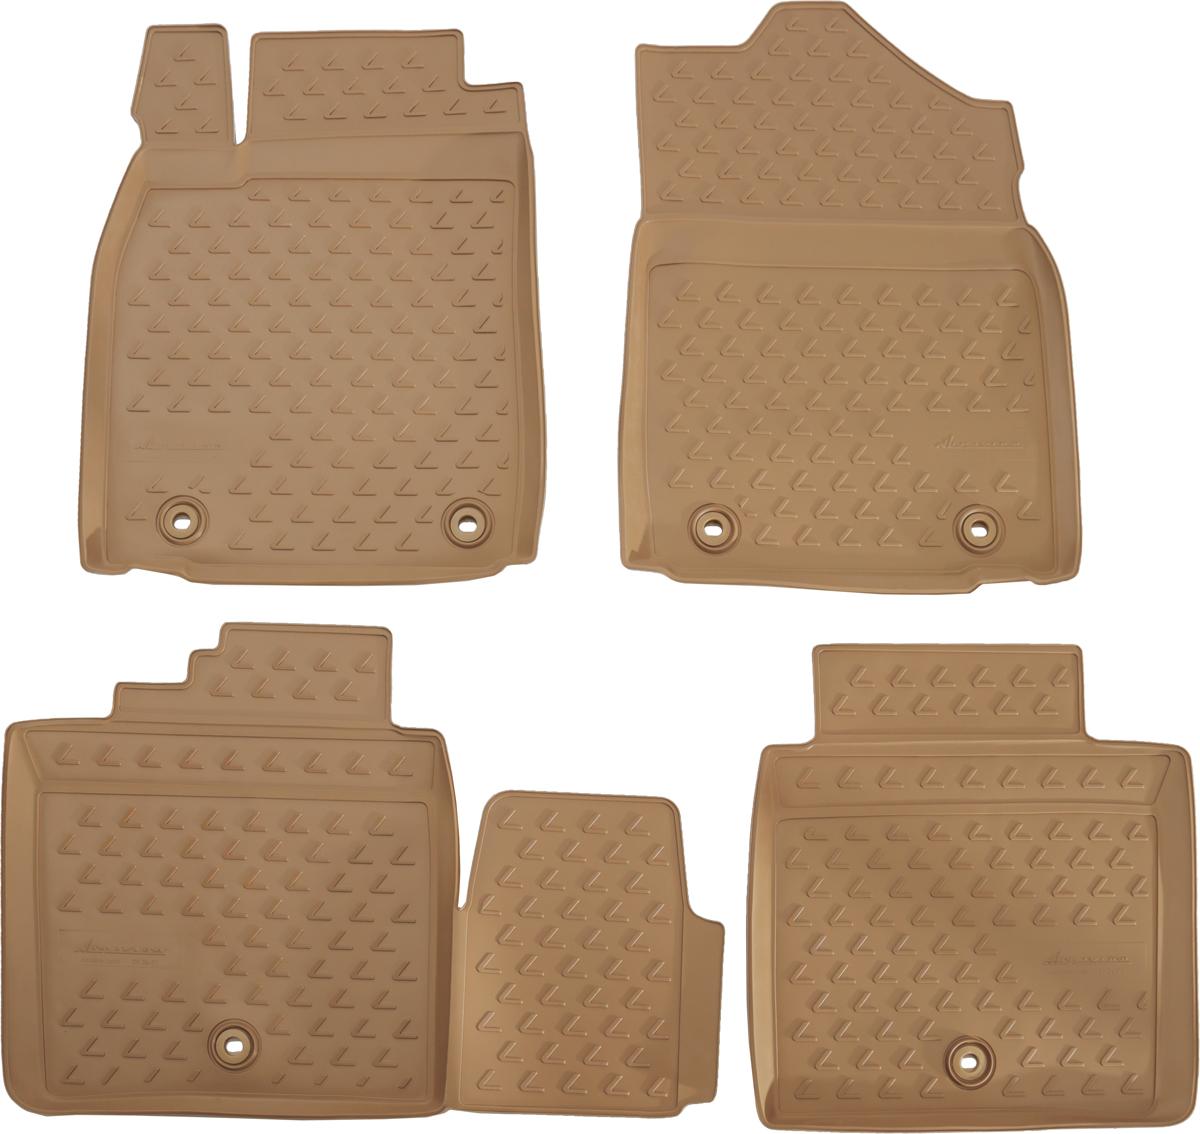 Коврики в салон автомобиля Novline-Autofamily, для Lexus ES 250/350, 300h, 2012->, цвет: бежевый, 4 штNLC.29.26.212kКоврики Novline-Autofamily улучшат внешний вид салона автомобиля и надежно уберегут его от пыли, грязи и сырости, а значит, защитят кузов от коррозии. Полиуретановые коврики гладкие, приятные и не пропускает влагу. Полиуретановые автомобильные коврики произведены из высококачественного материала, который держит форму и не пачкает обувь. Коврики надежно крепятся на полу и не скользят, что очень важно во время движения, особенно для водителя. Изделия из полиуретана надежно удерживают грязь и влагу, при этом всегда выглядят довольно опрятно. И чистятся они очень просто: как при помощи автомобильного пылесоса, так и различными моющими средствами.